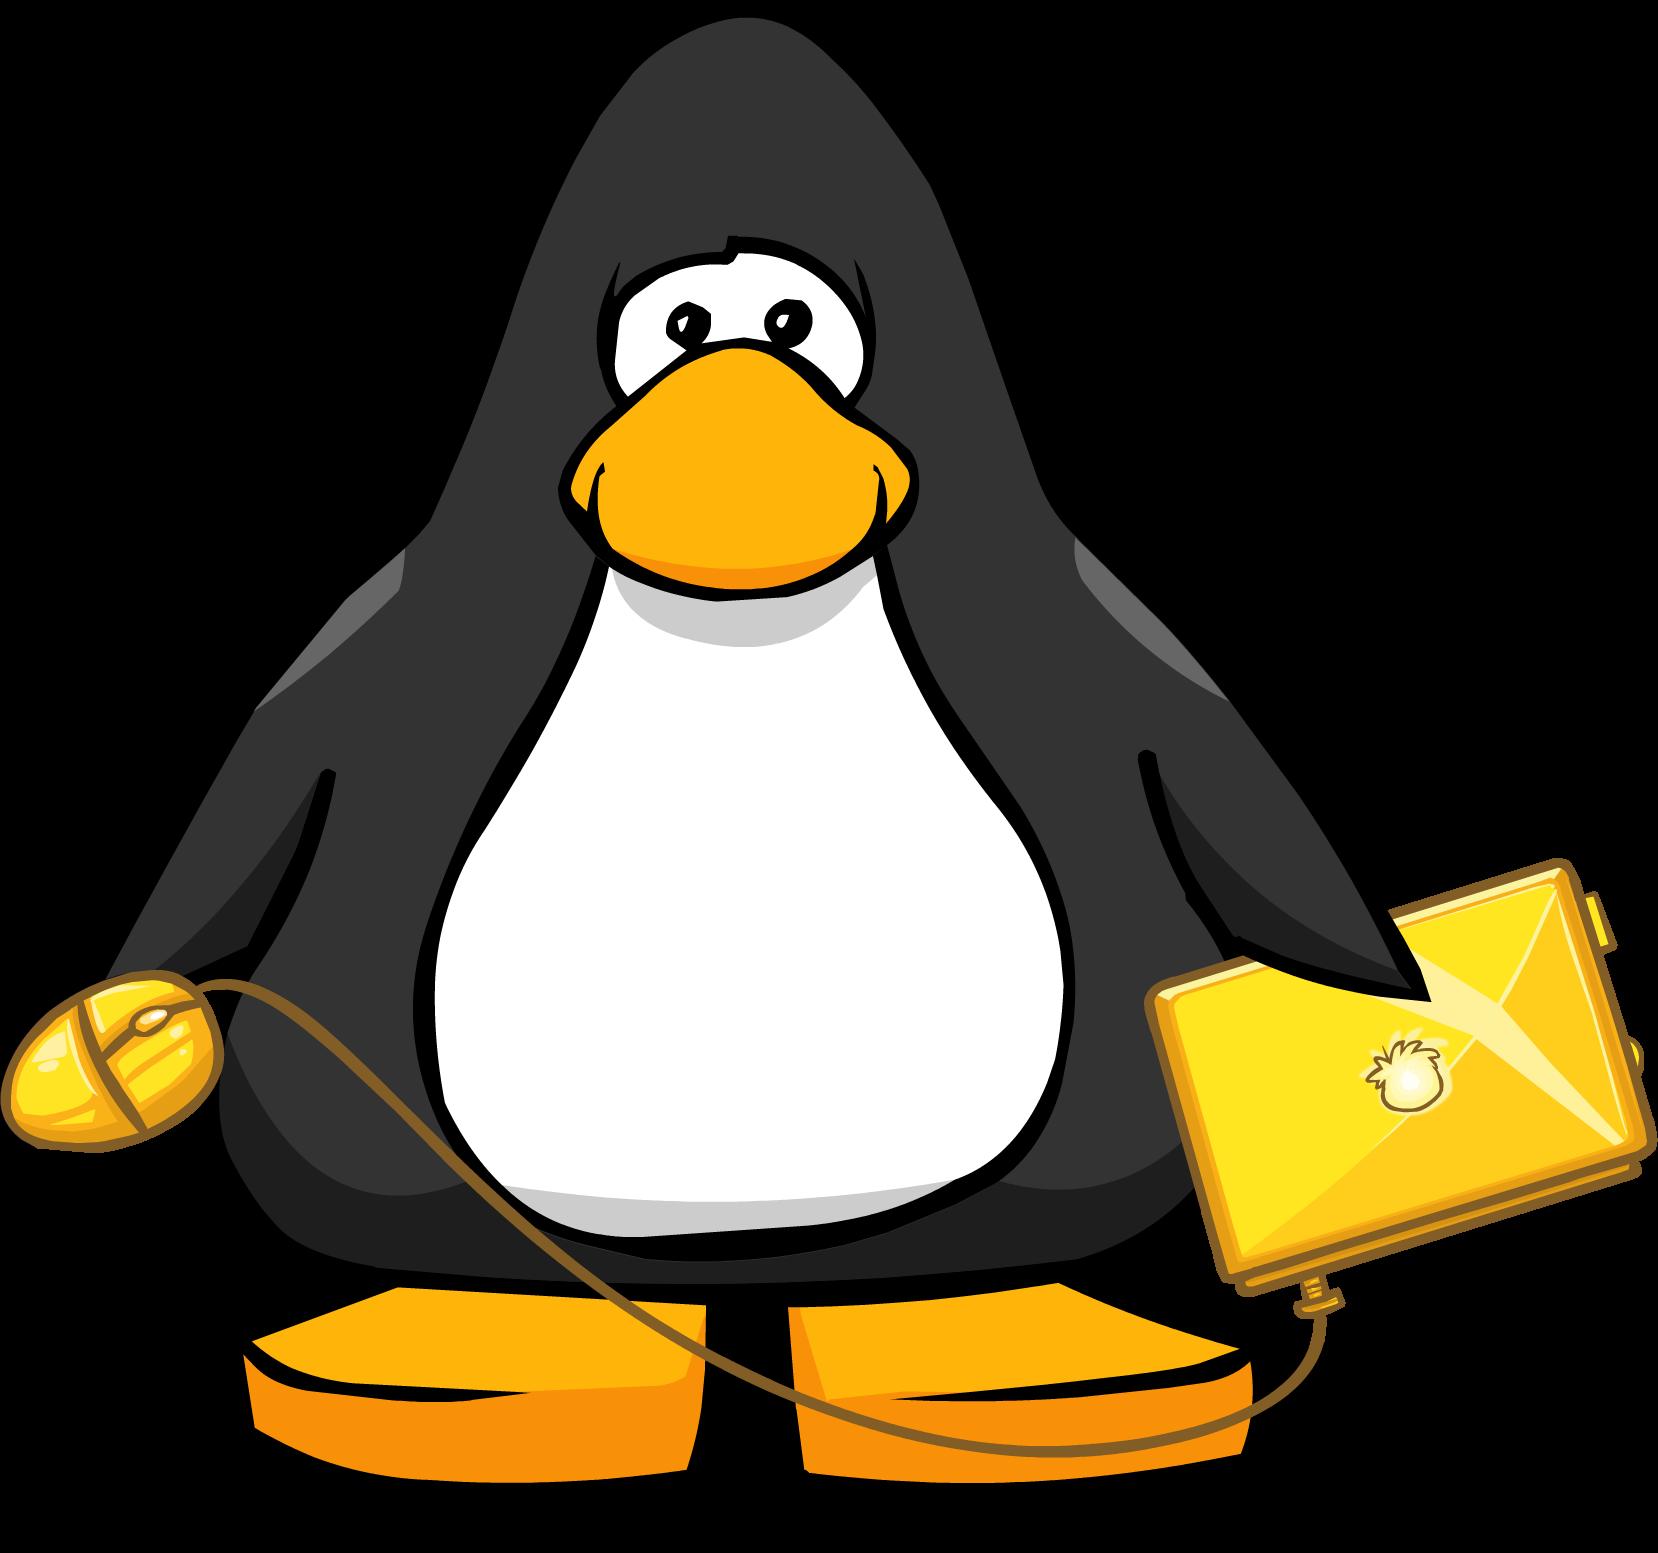 File:GoldenLaptopPC.png